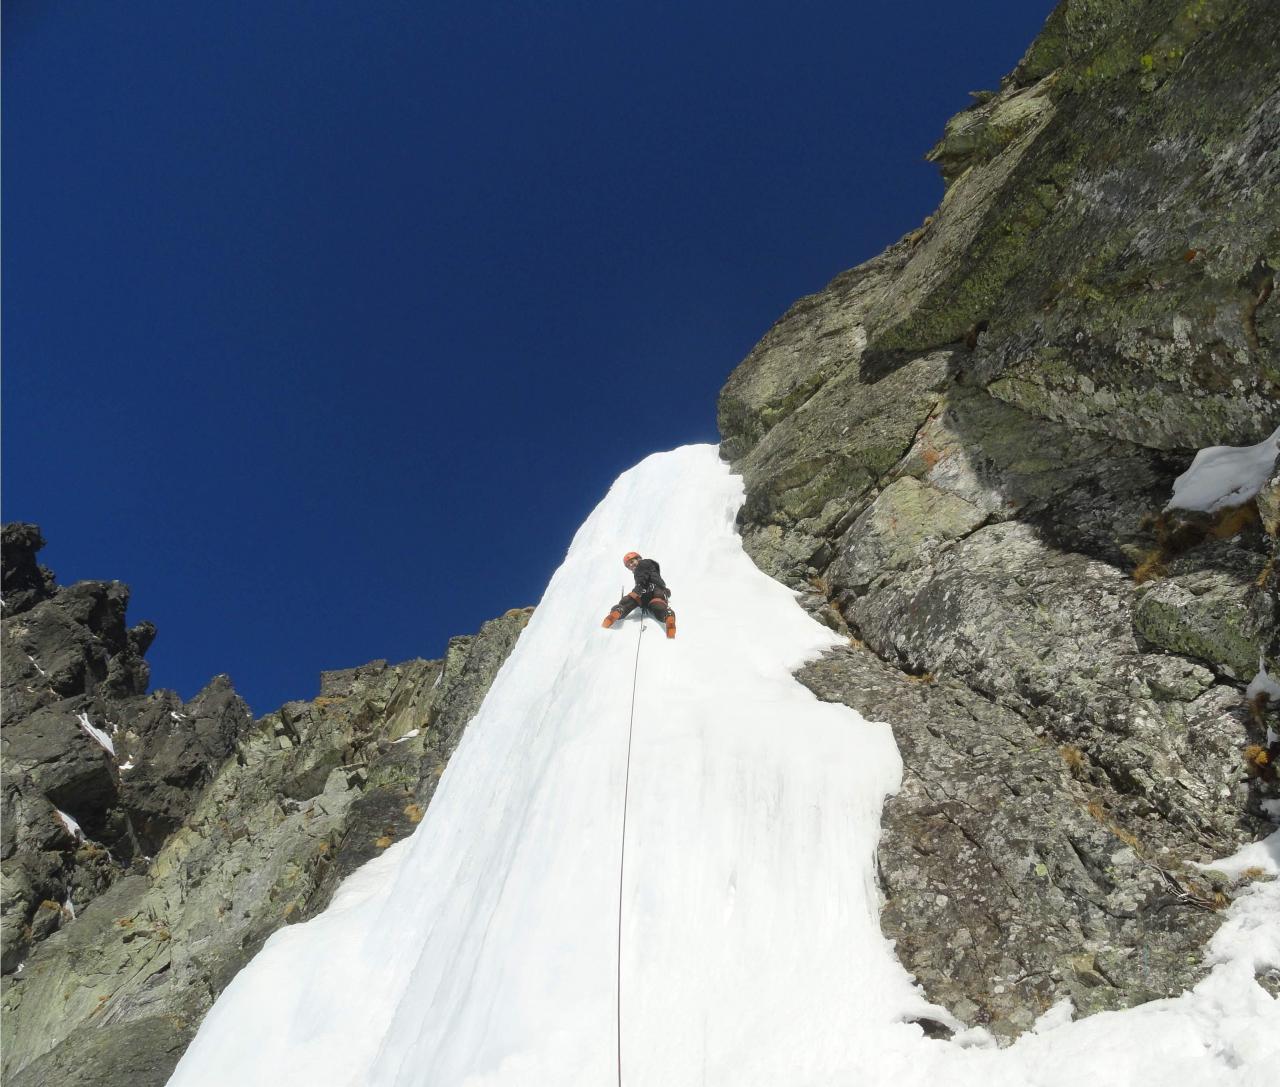 A picture from Lomnický ľad by Jozef Ďuronka